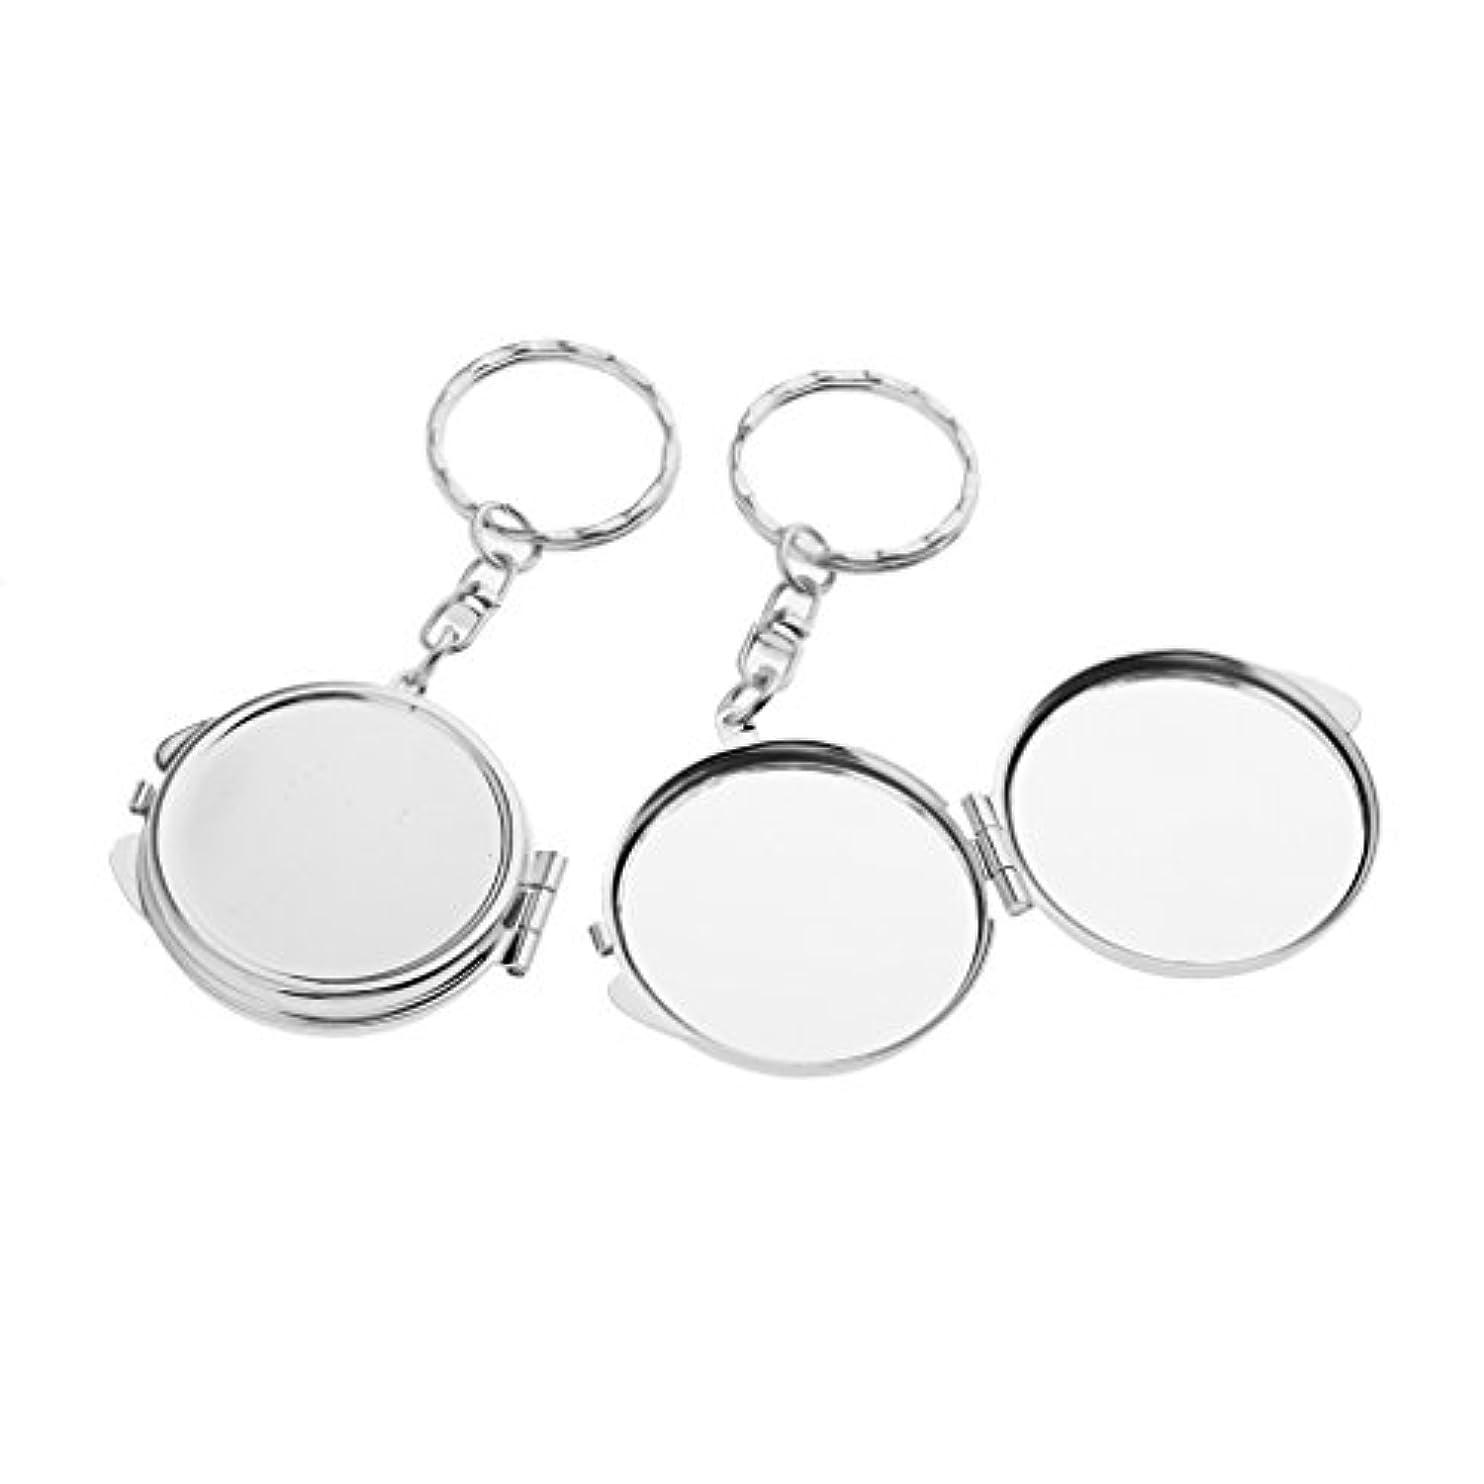 切り刻む色ネックレスSONONIA ミニサイズ ミラー 両面 鏡 折りたたみ式 キーリング デコレーション 化粧鏡 4タイプ選べ - 1